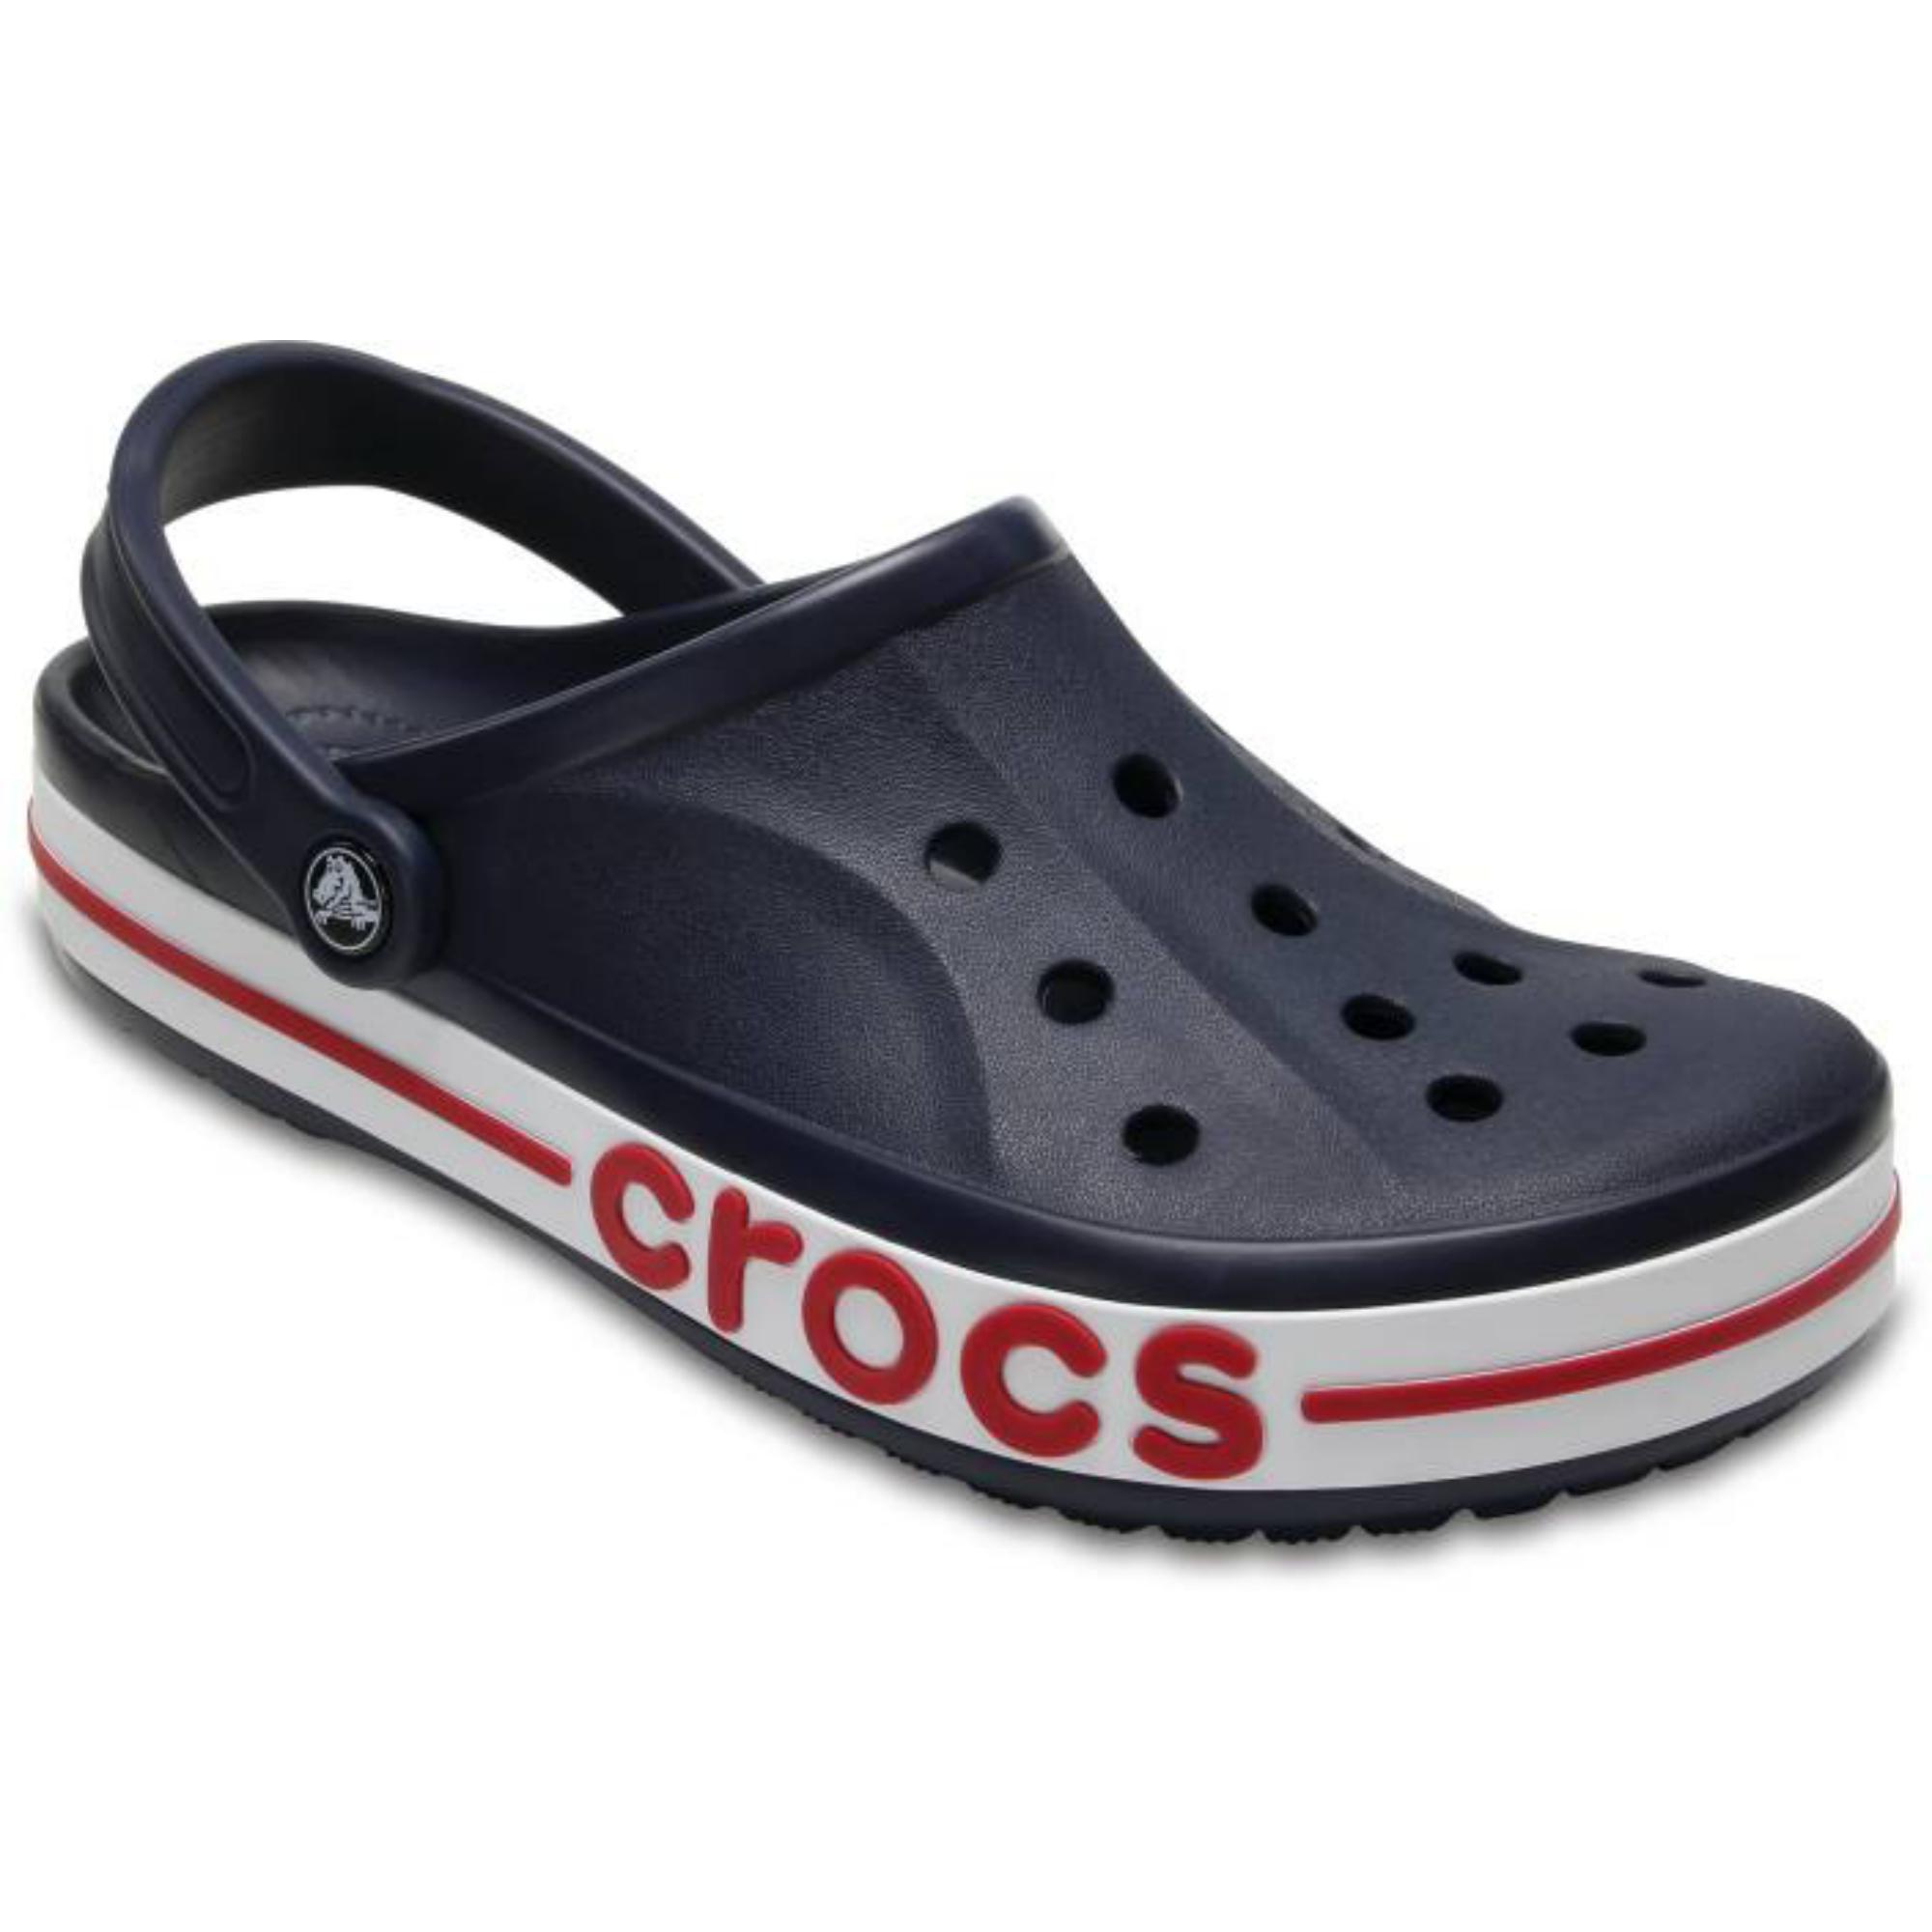 2x Crocs Paare um nur 40€ (inkl. gratis Versand)